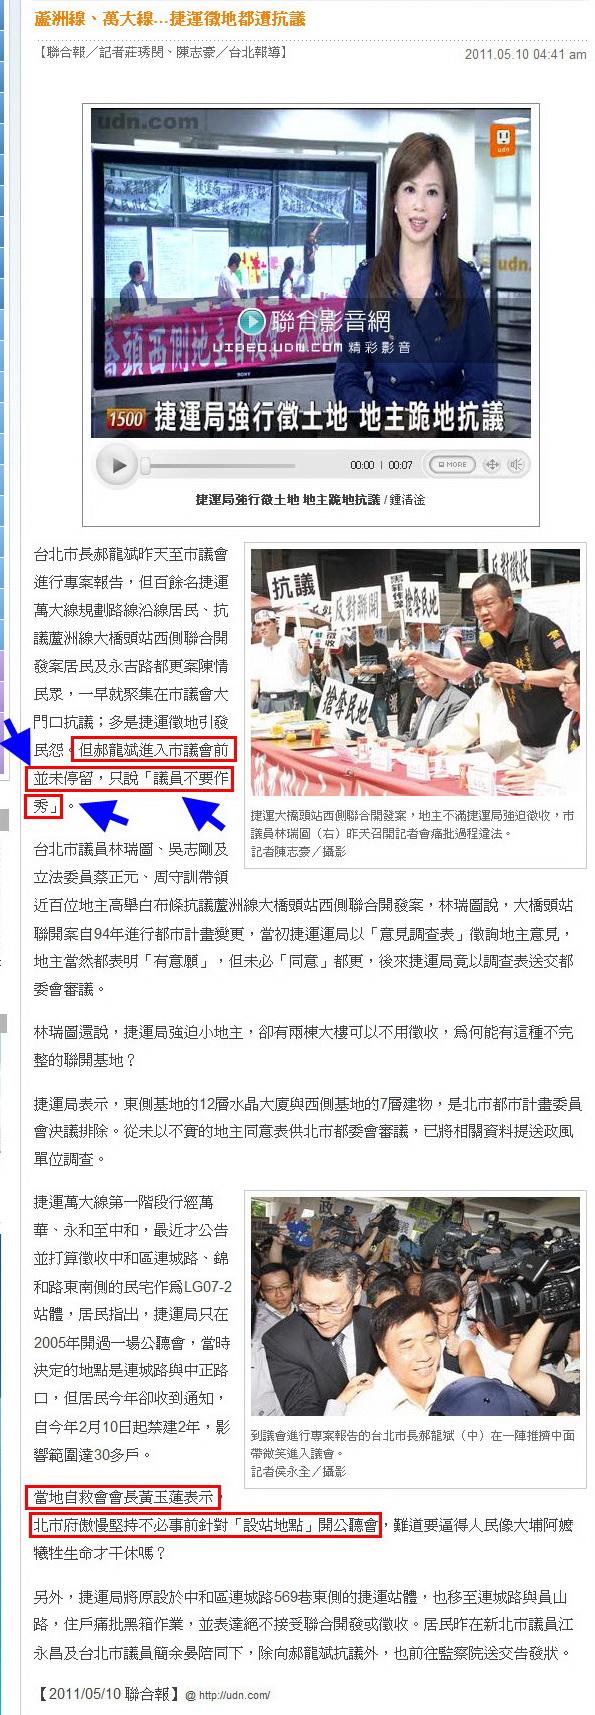 蘆洲線、萬大線…捷運徵地都遭抗議-2011.05.10.jpg